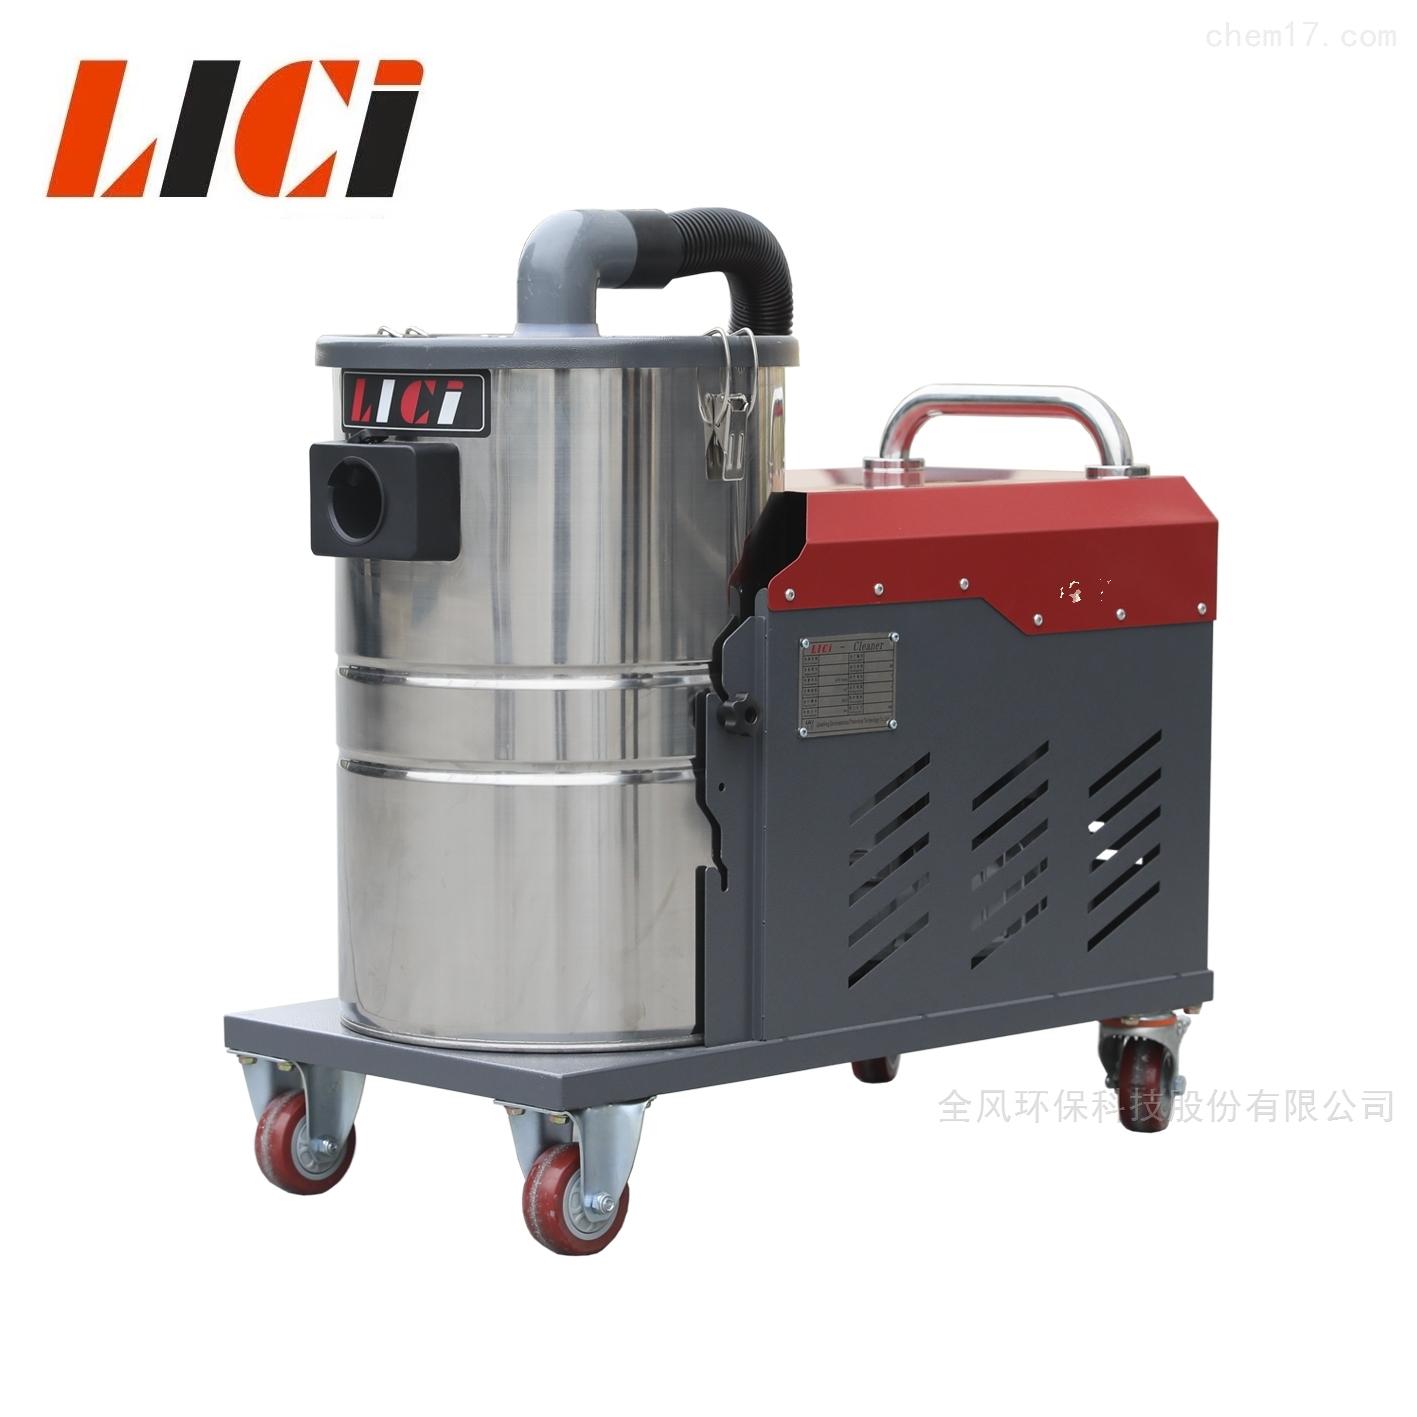 大吸力工业吸尘器